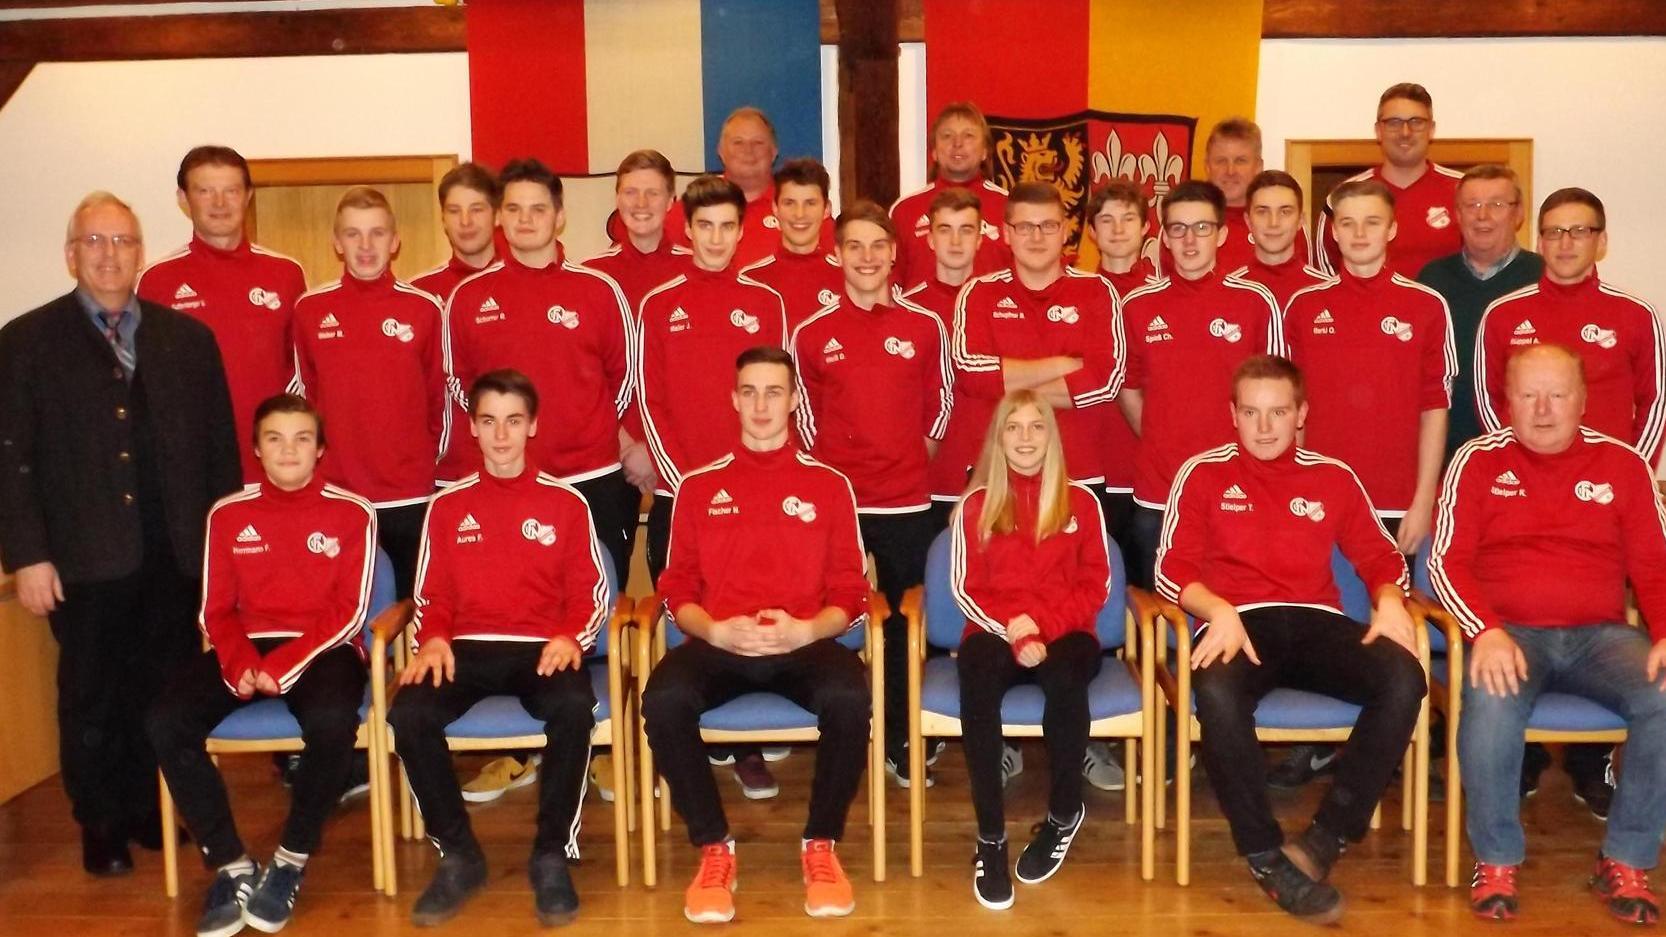 Für die Eintragung der B-Jugend der SG Königstein-Neukirchen gab es einen Empfang im Königsteiner Rathaus